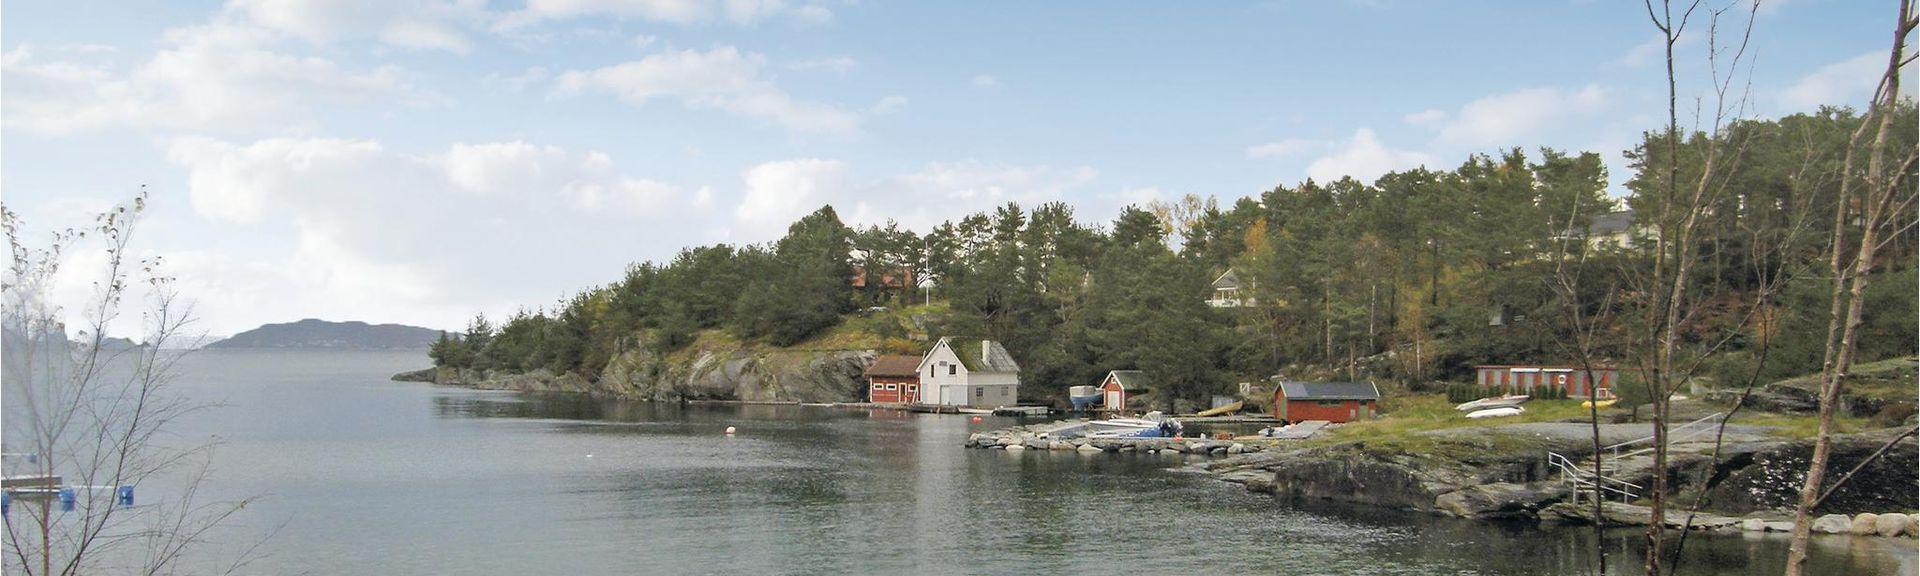 Stavanger Jattavagen Station, Norway